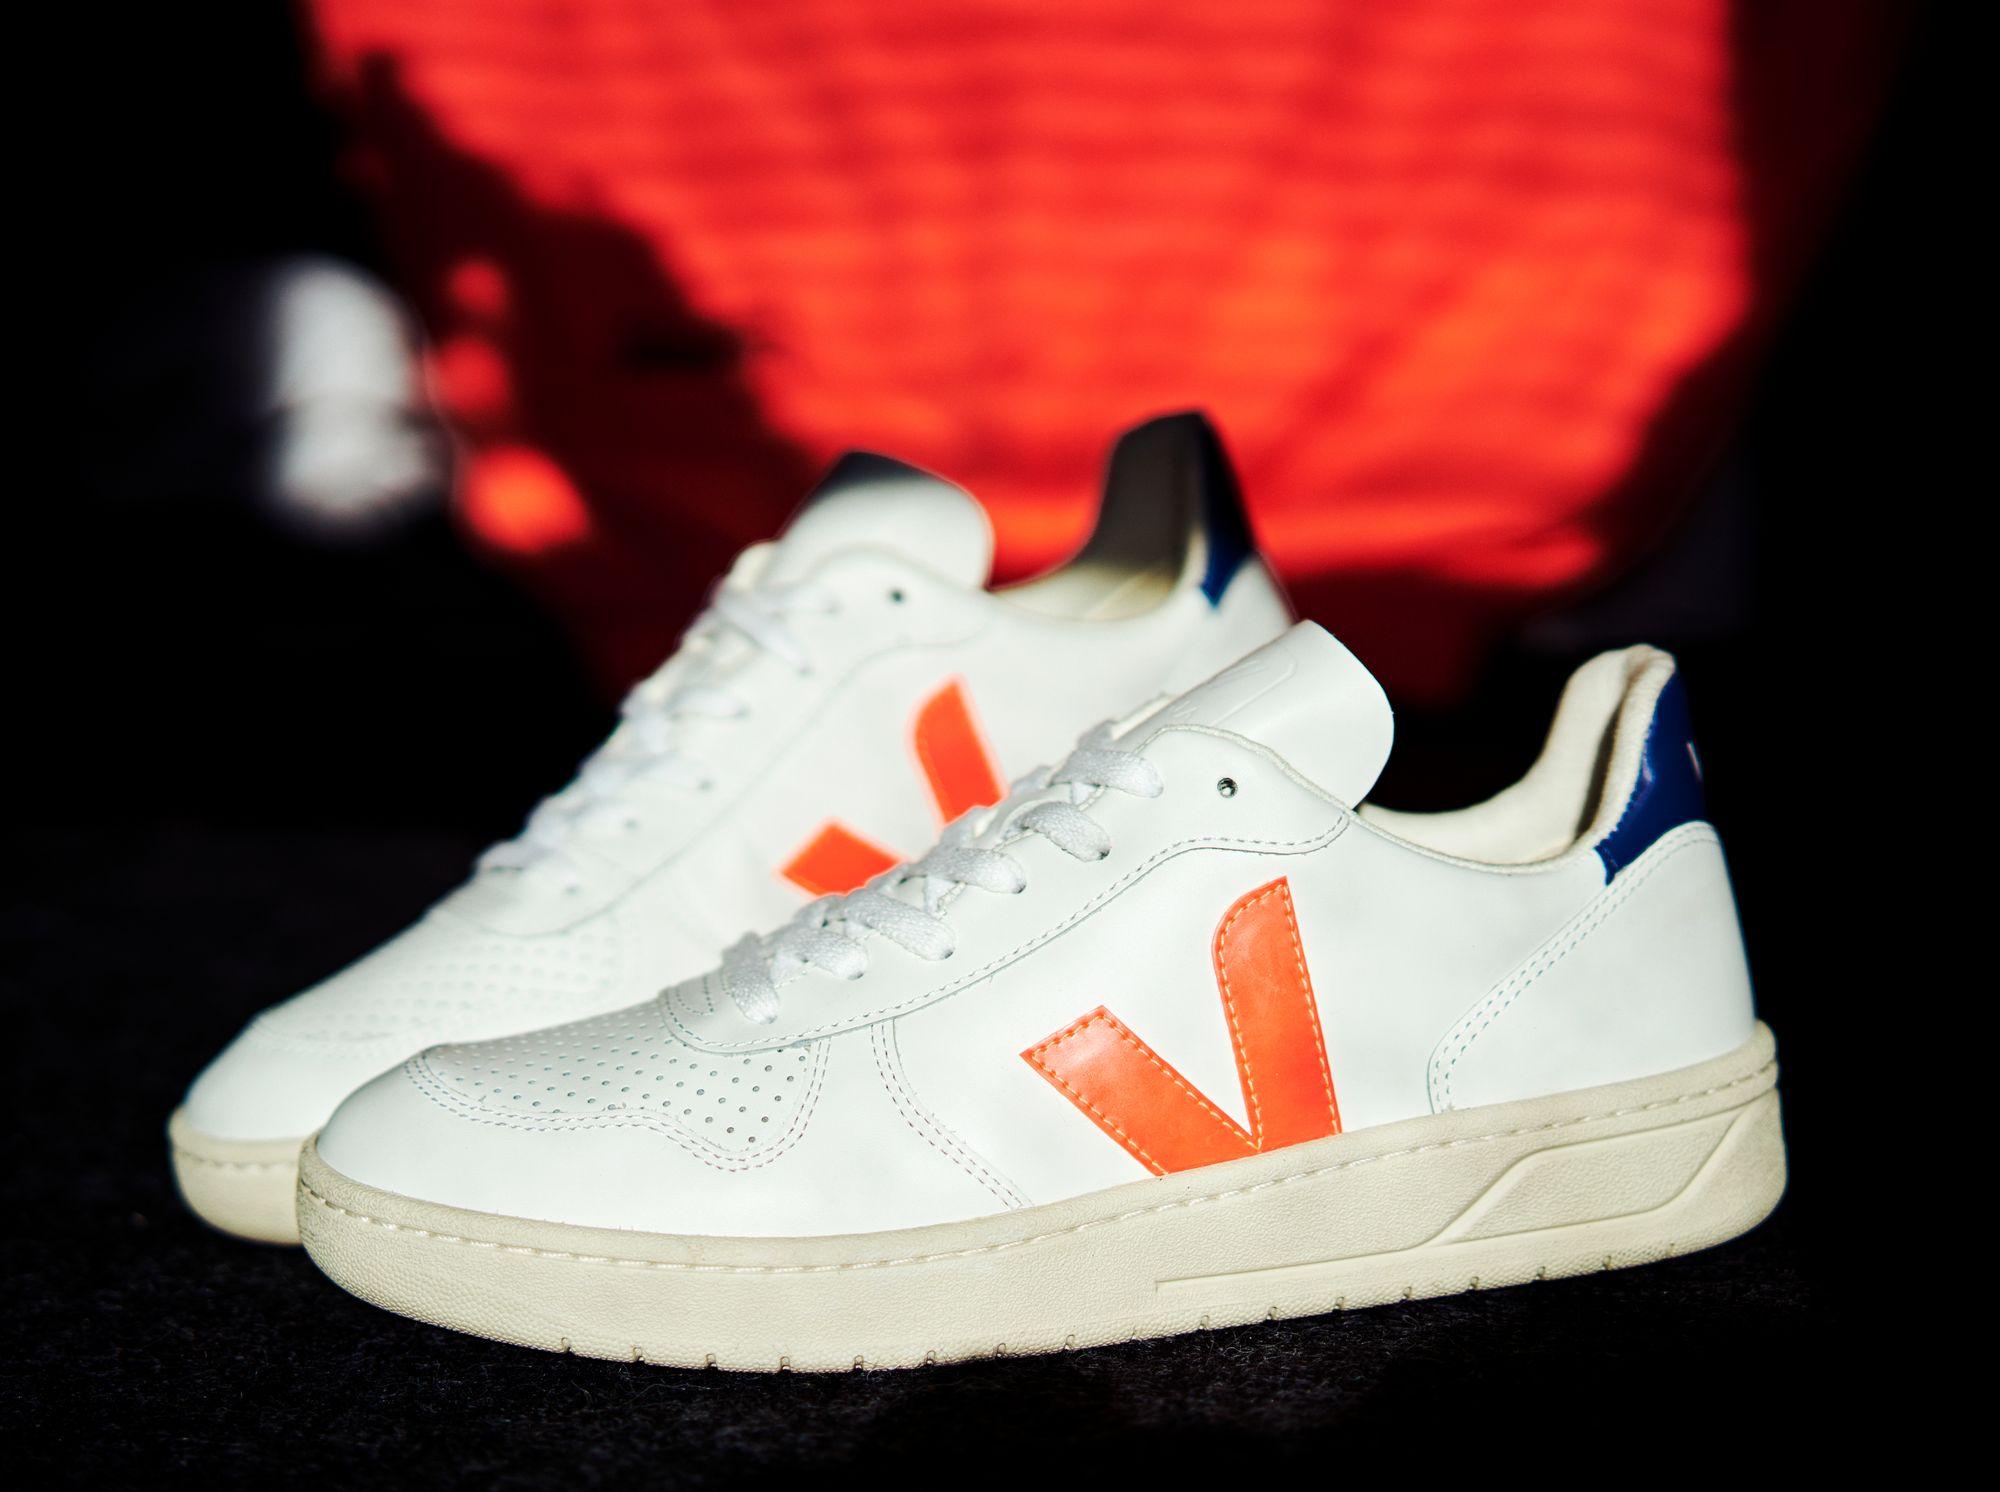 Der Veja V-10 Leather in weiß neon-orange dunkelblau